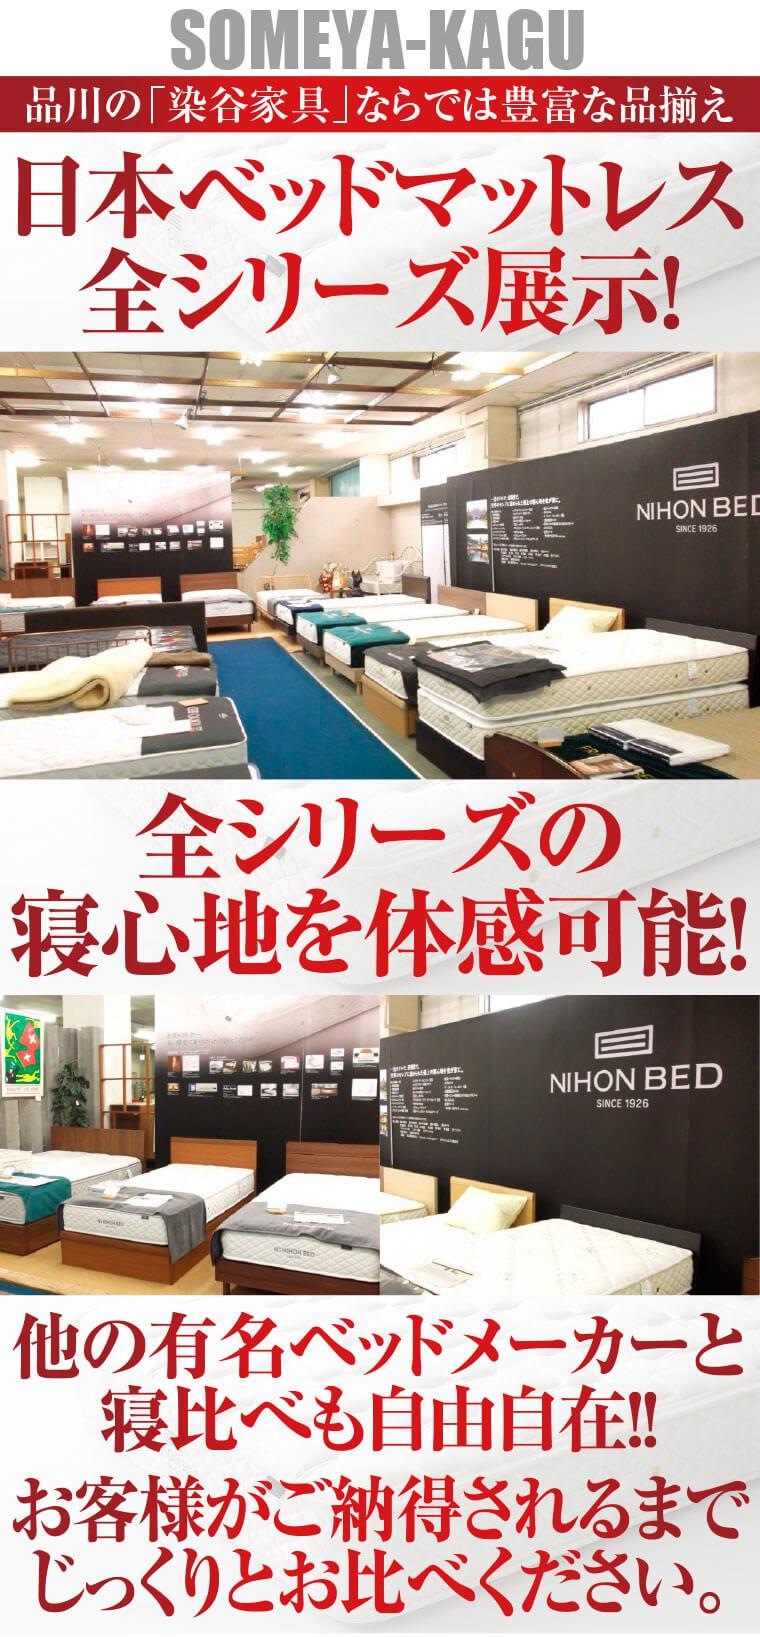 染谷家具で日本ベッド